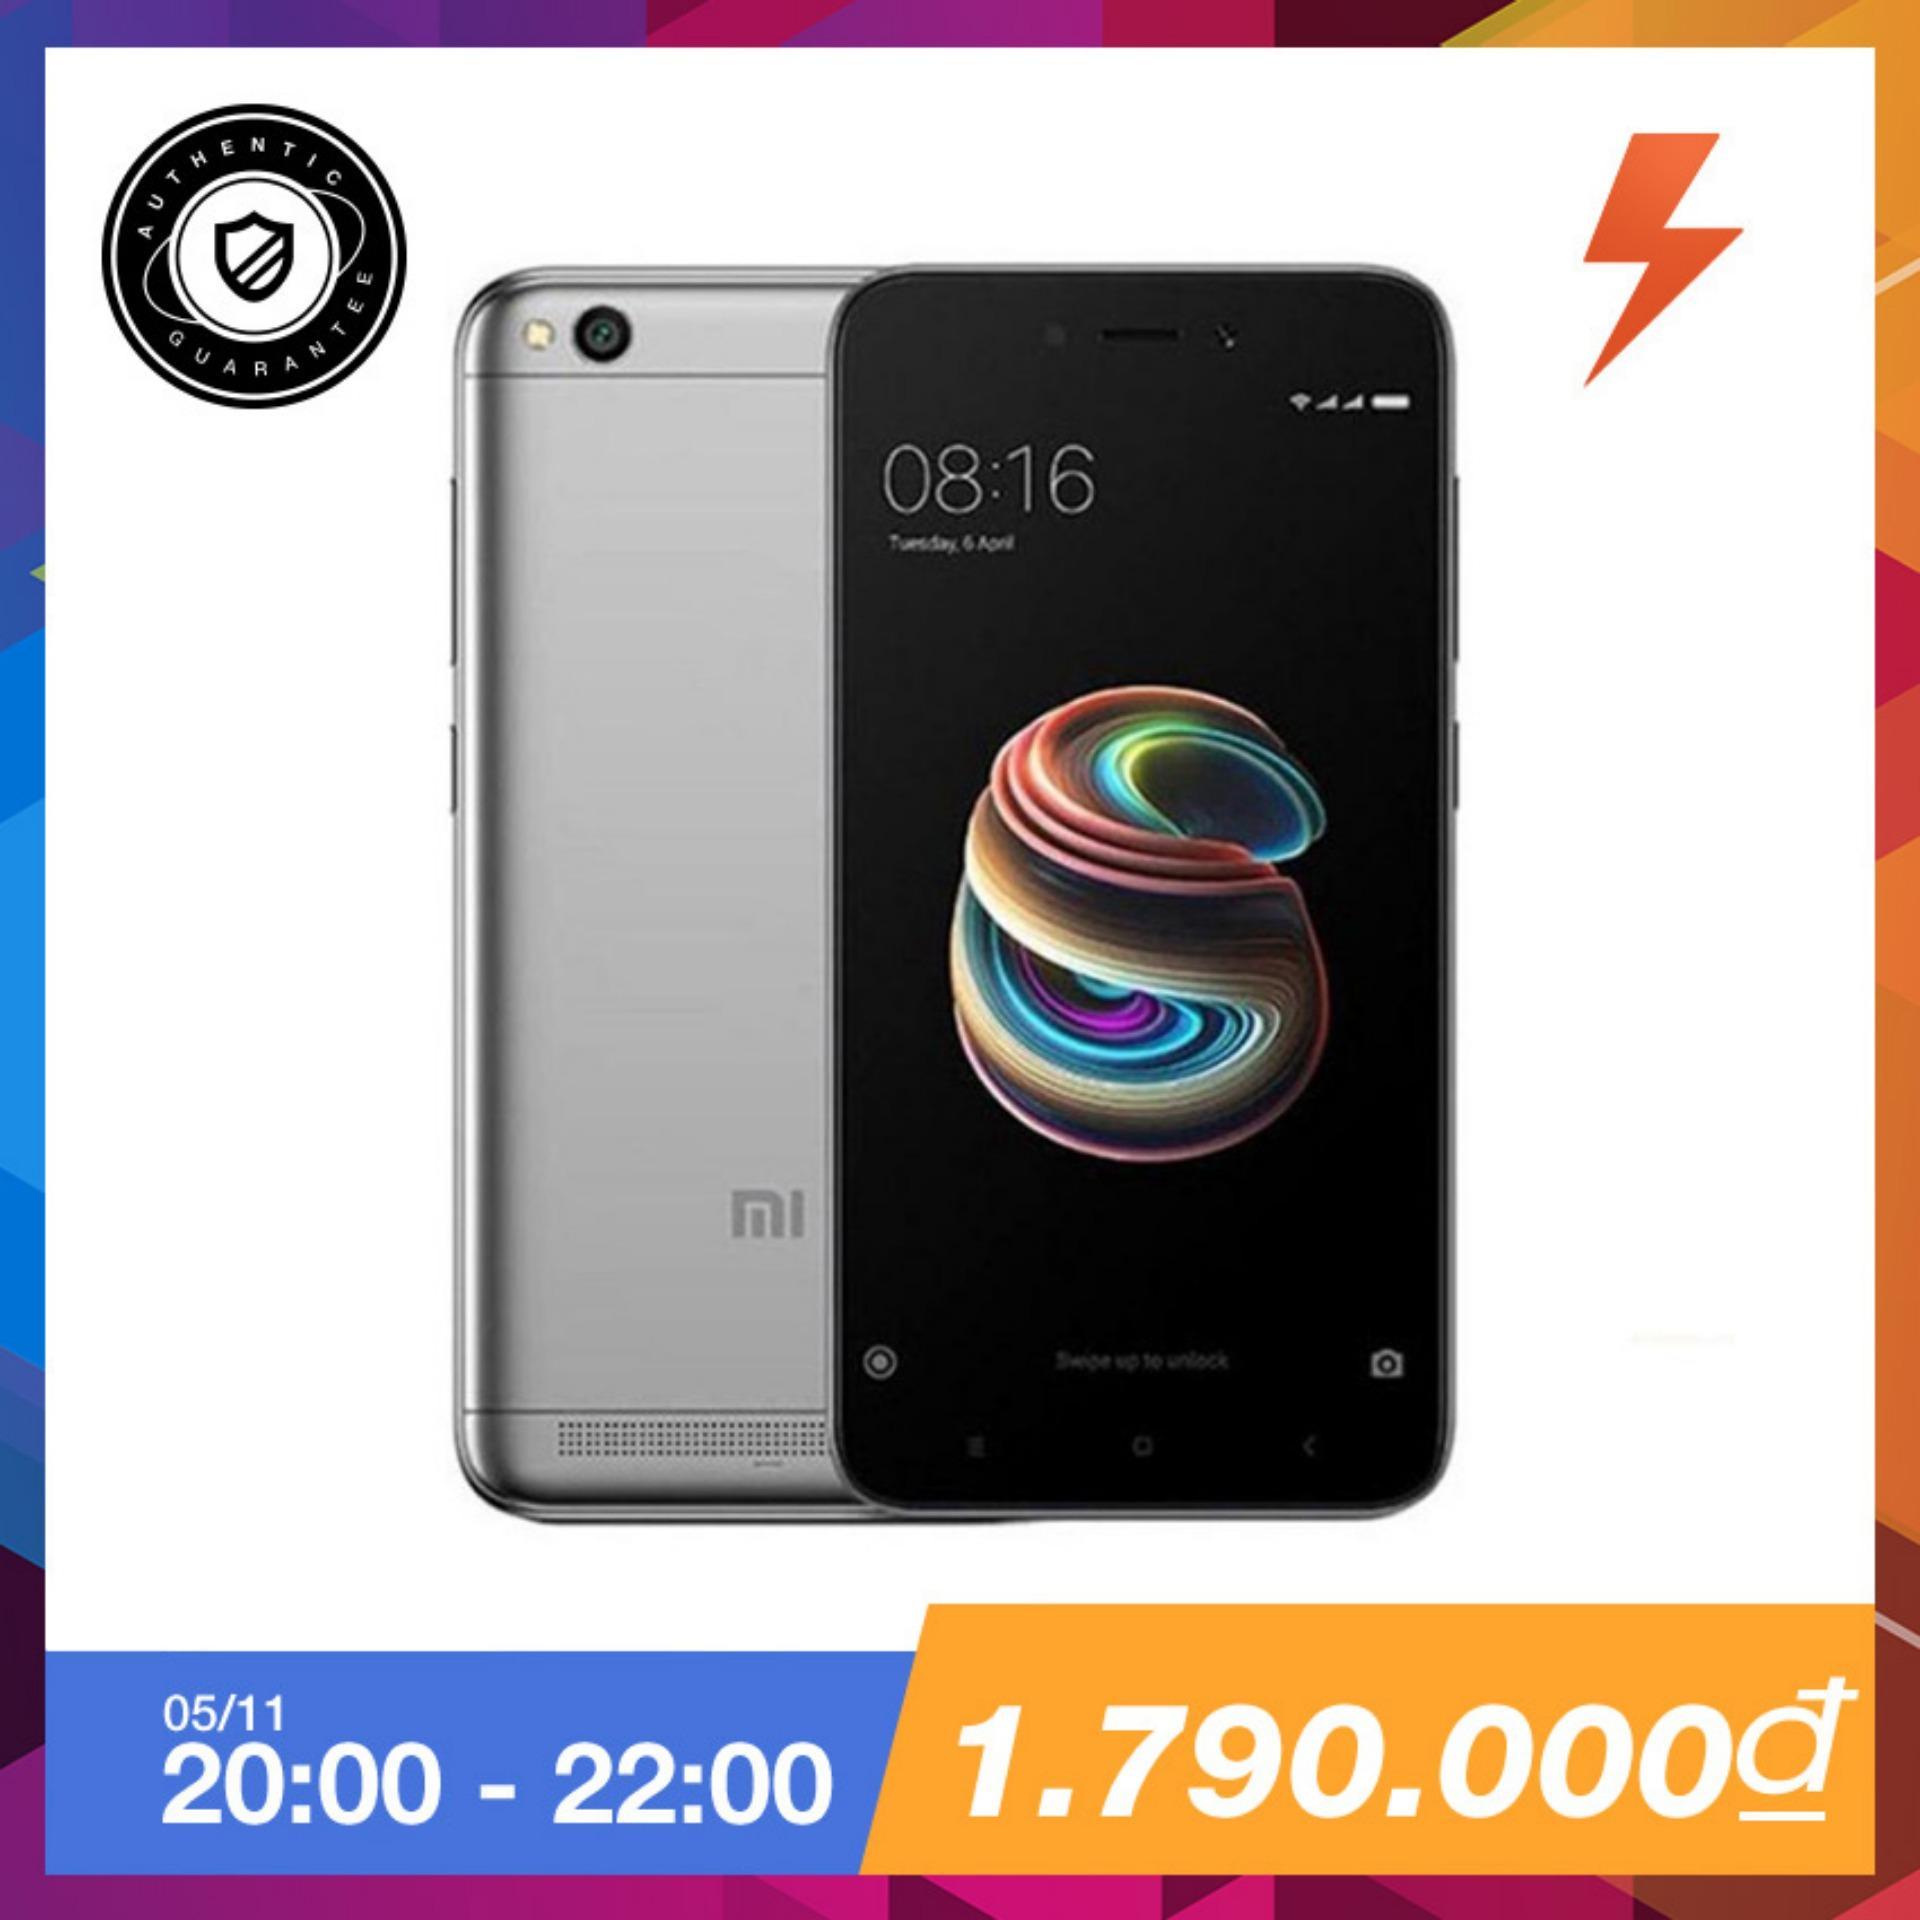 Giá Bán Xiaomi Redmi 5A 16Gb Ram 2Gb Xam Hang Phan Phối Chinh Thức Rẻ